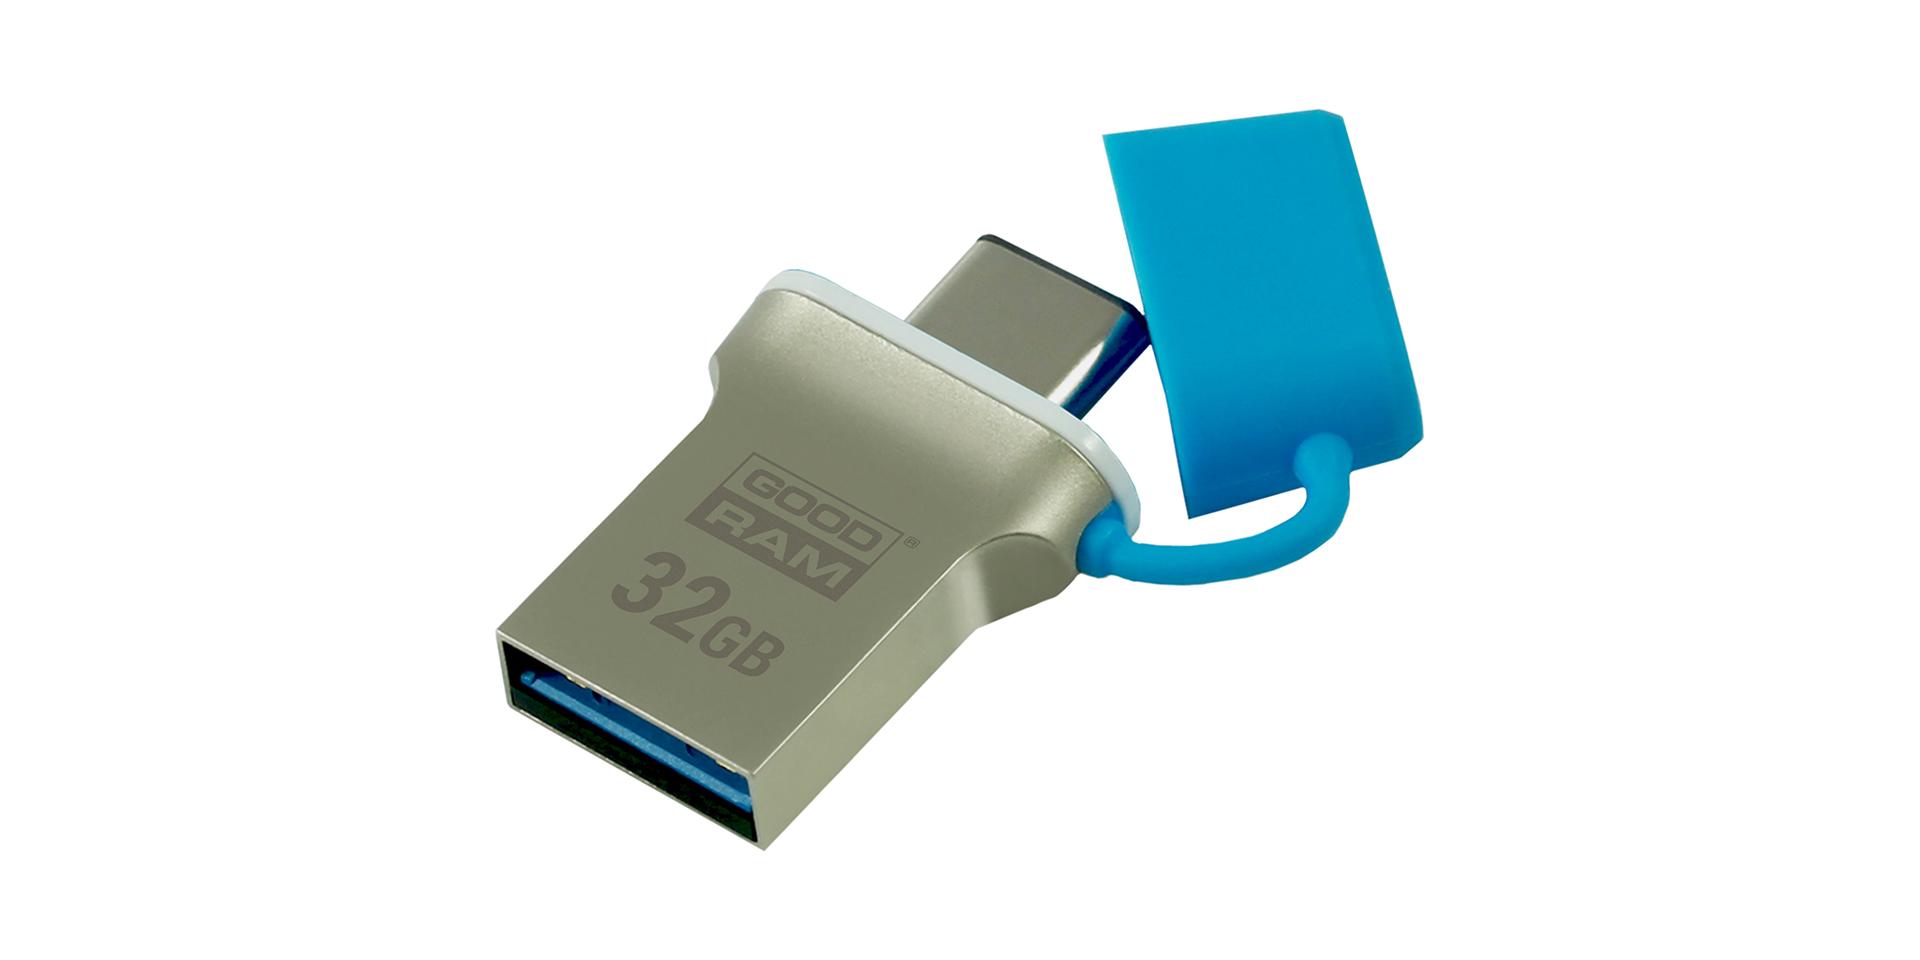 USB 3.0 con tappo